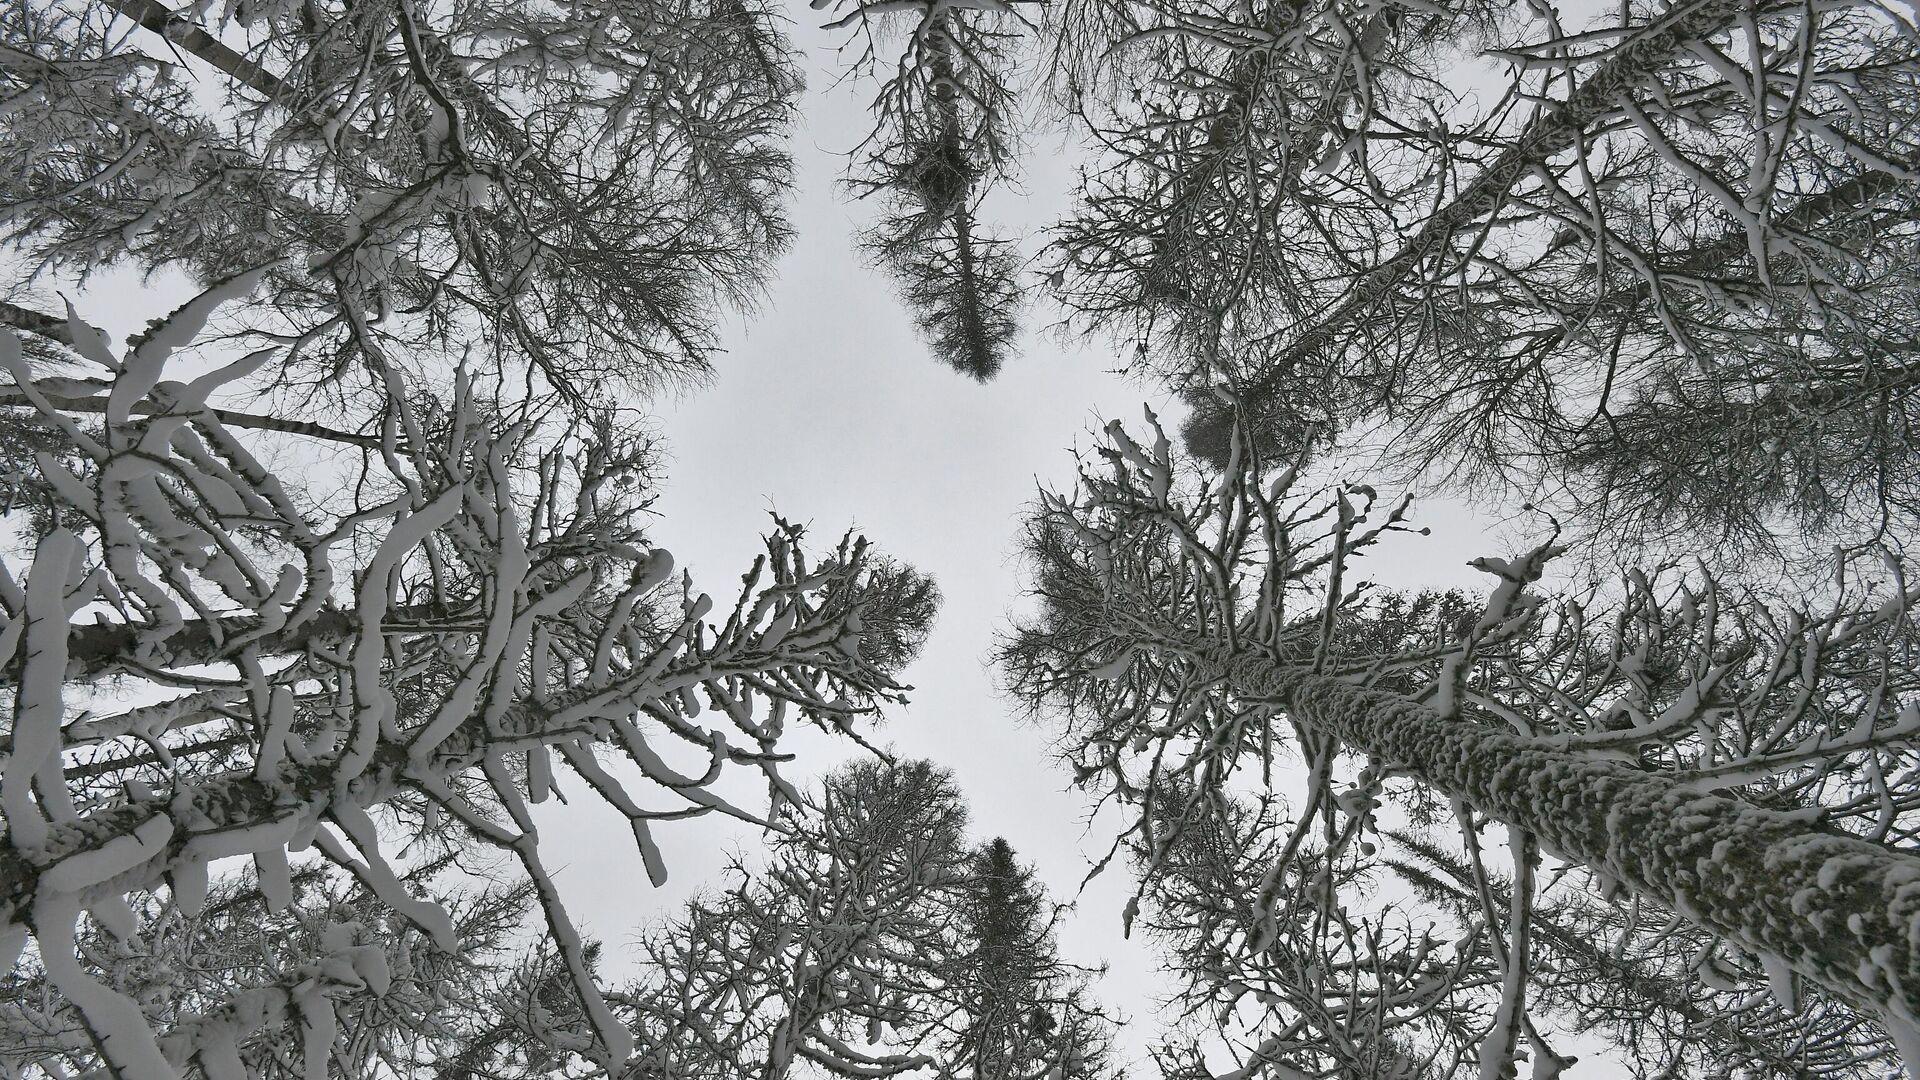 Заснеженные деревья в сибирской тайге - РИА Новости, 1920, 23.11.2020